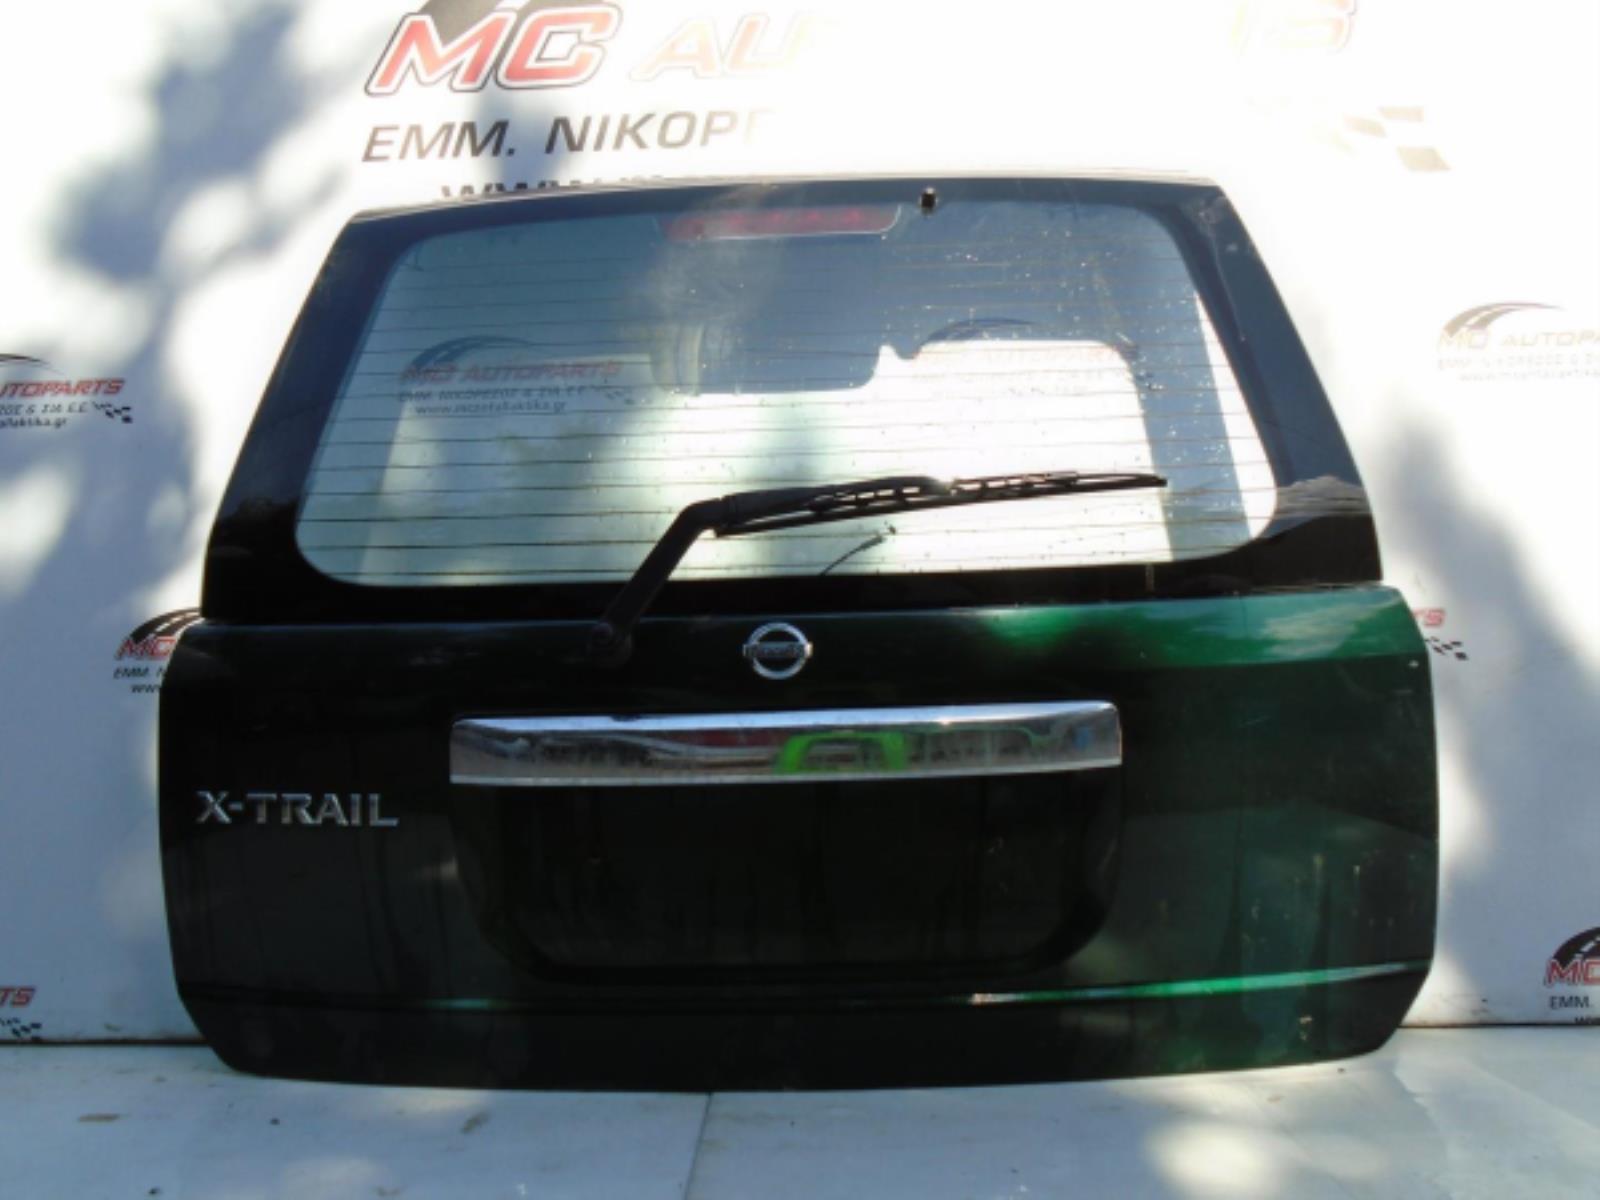 Εικόνα από Πορτ-Μπαγκάζ Πράσινο NISSAN X-TRAIL (2005-2007)